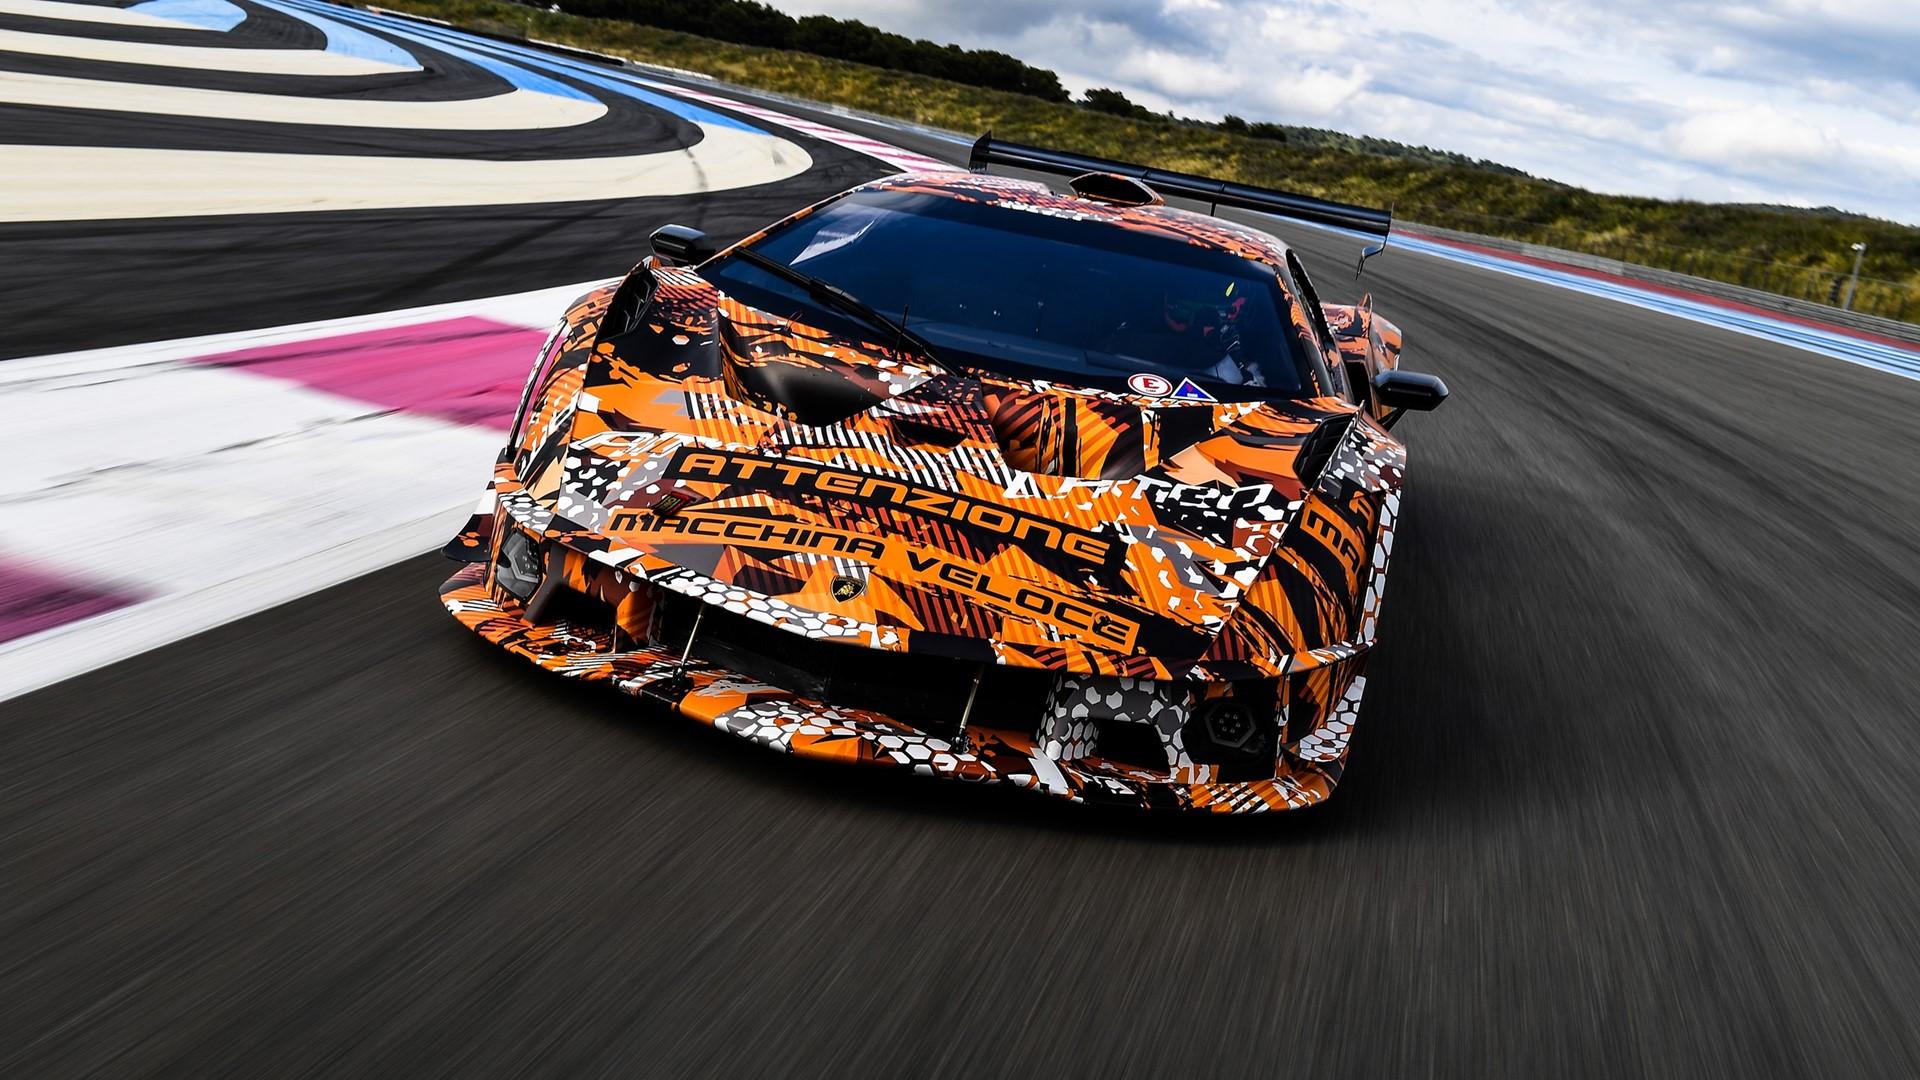 Lamborghini SCV12: Squadra Corse hypercar ready to hit the track - Image 3